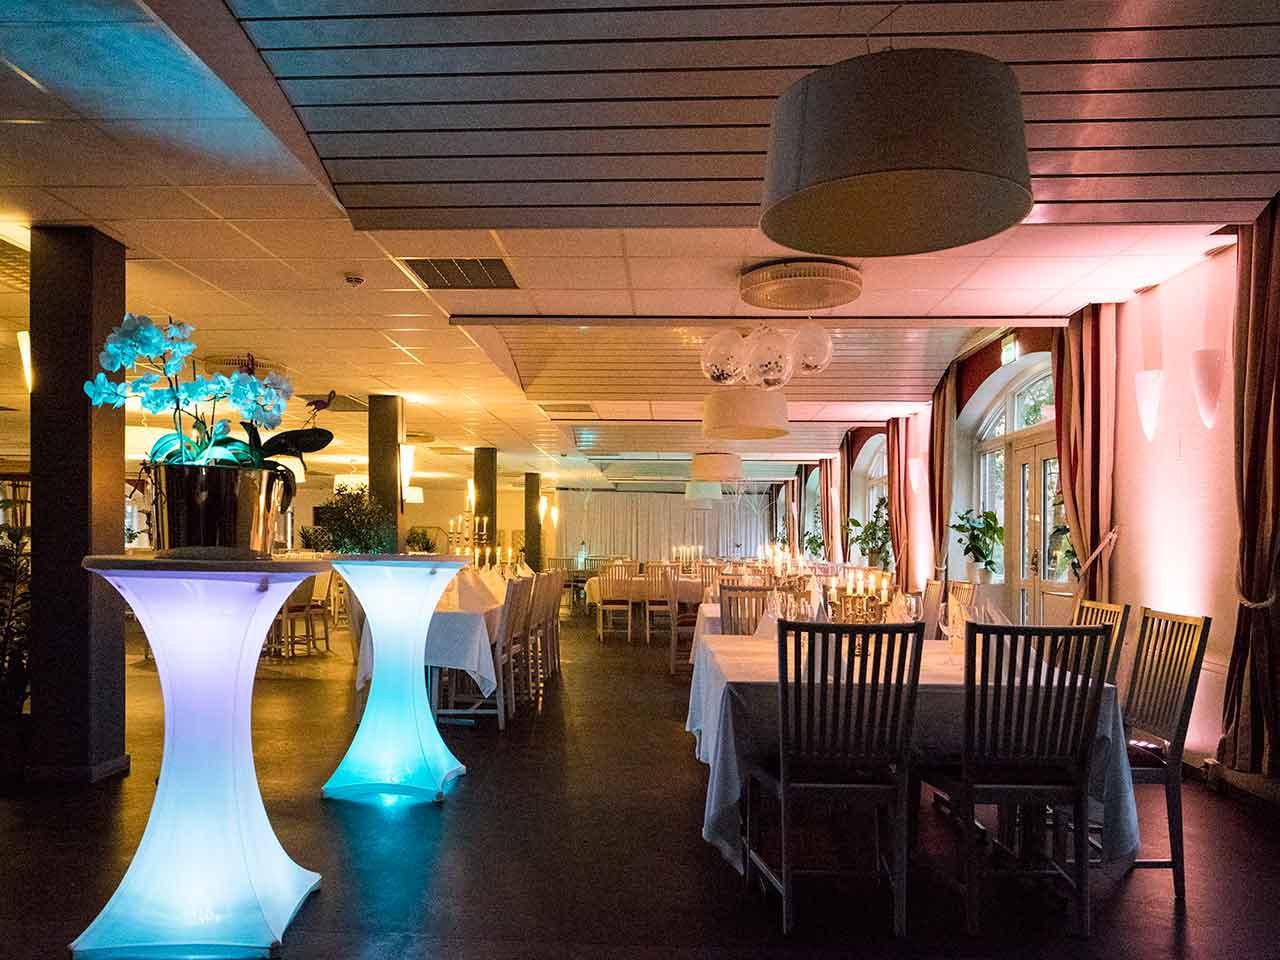 Bällstabro Värdshus - festlokal i Sundbyberg - Stora matsalen